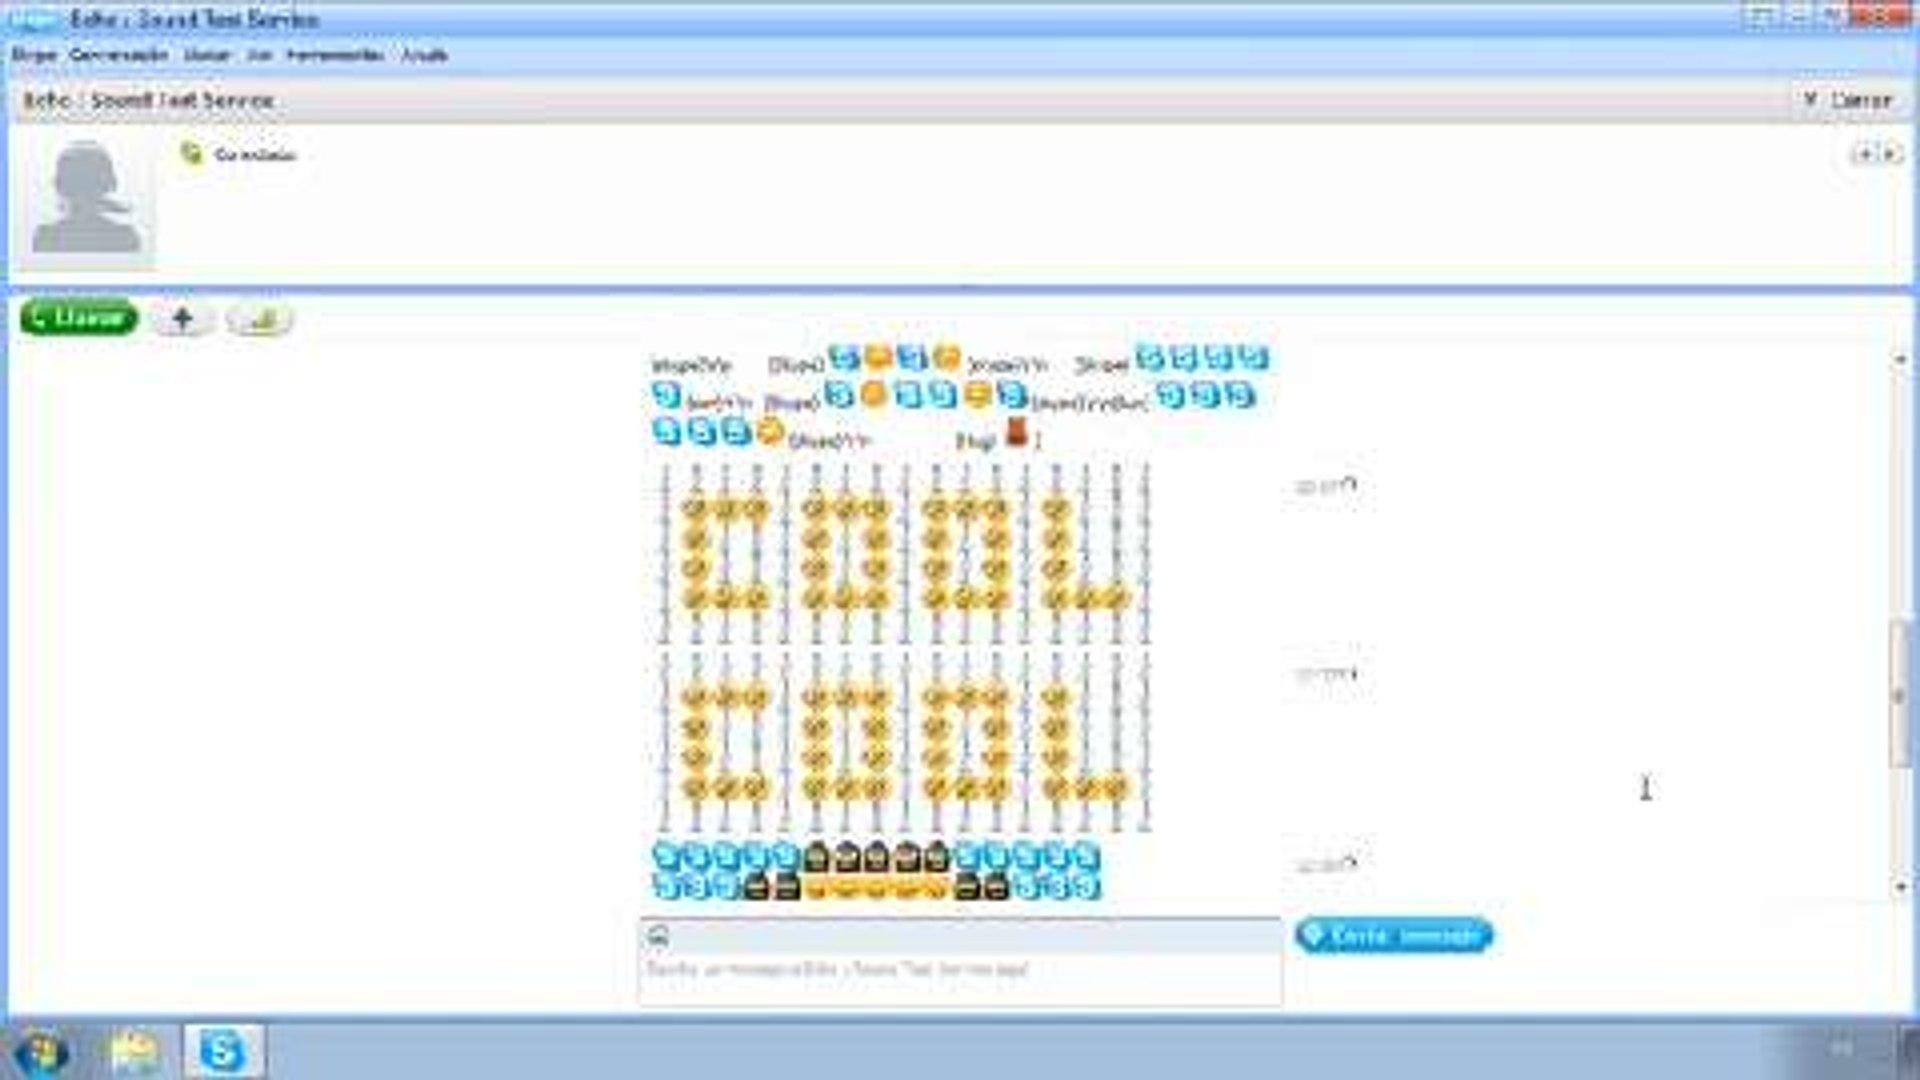 Clownfish, un gran accesorio para Skype